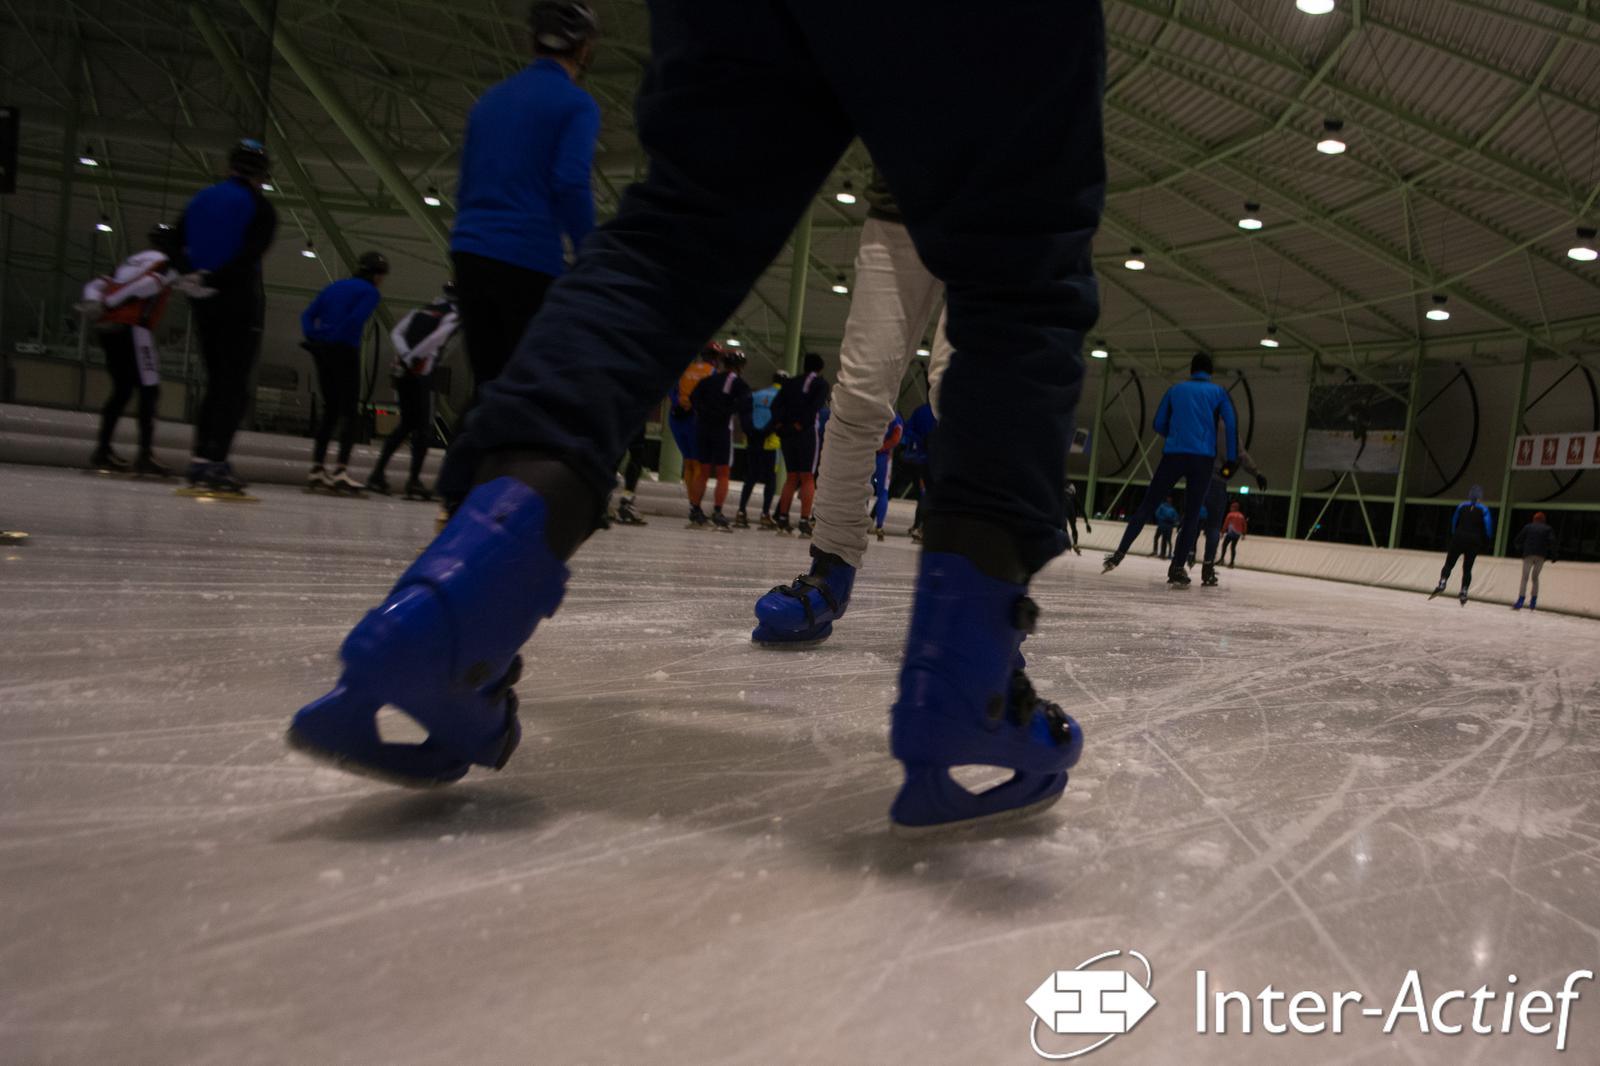 IceSkating20200116_NielsdeGroot-9.jpg